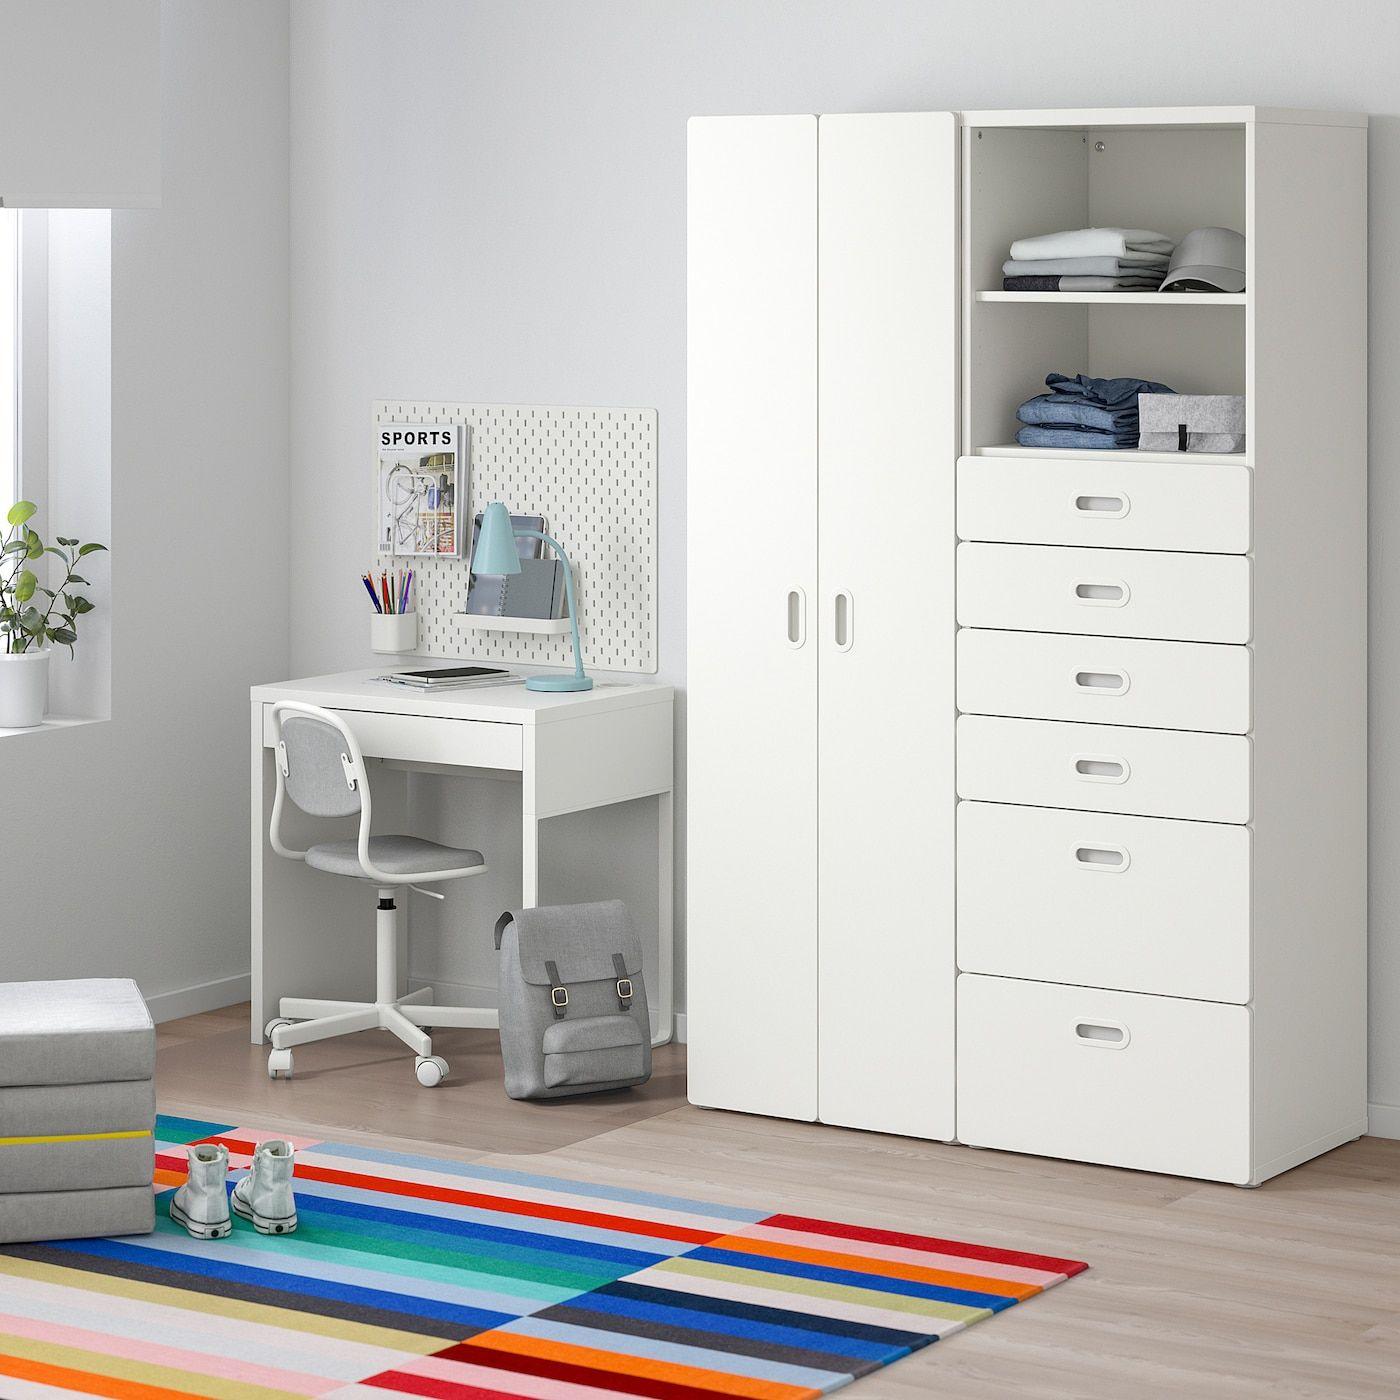 Stuva Fritids Kleiderschrank Weiß Weiß Kleiderschrank Weiss Ikea Ikea Babyzimmer